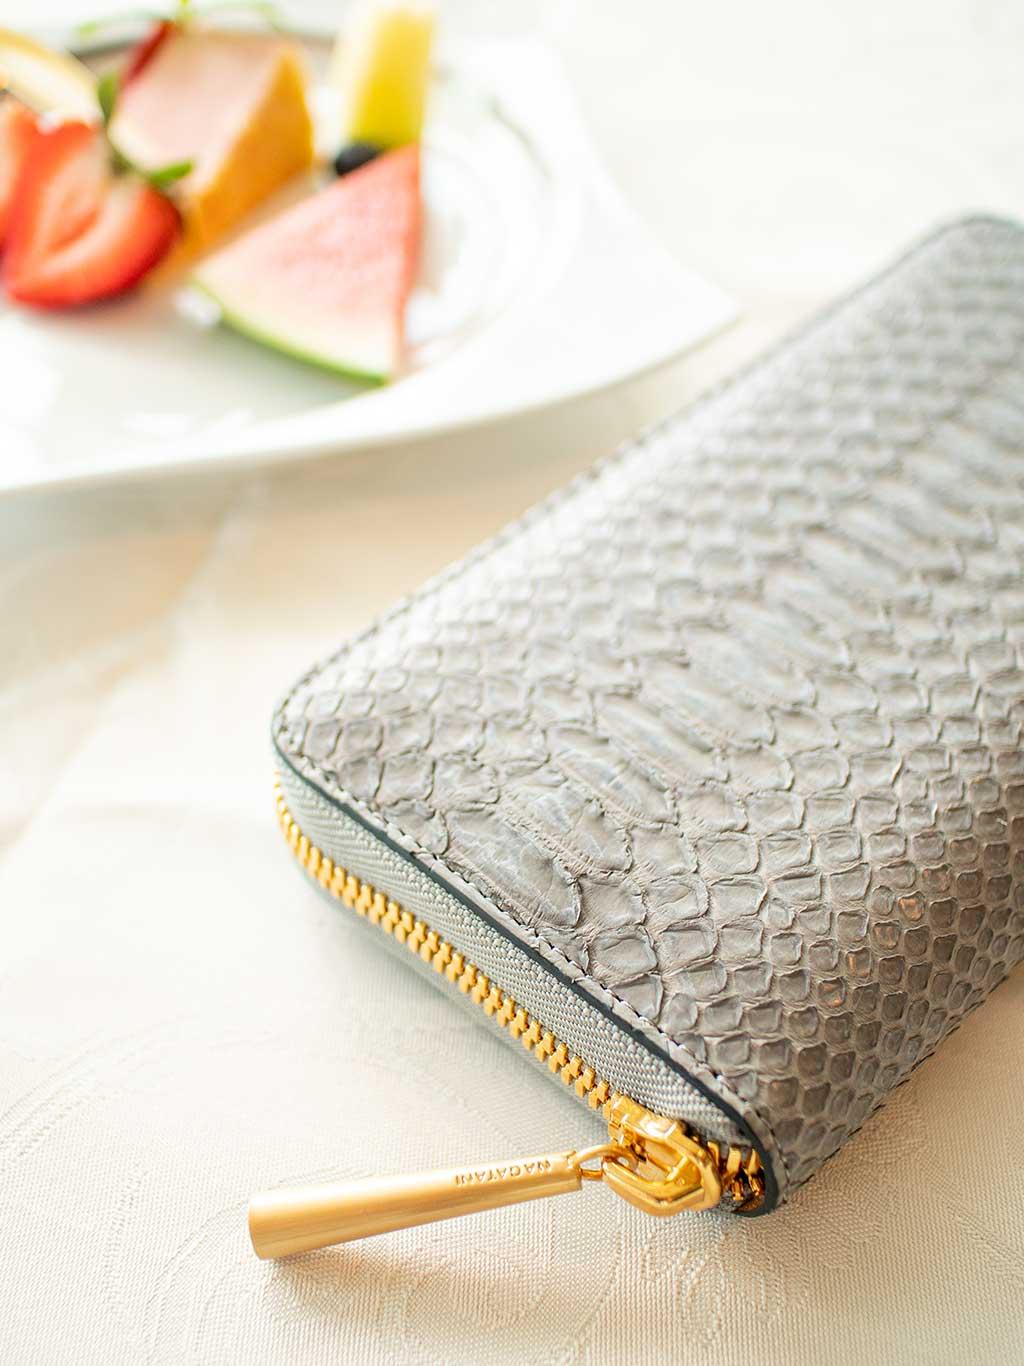 小さくて、お手頃なのに高級感のある質感が魅力的な本革スモールウォレット・ミニ財布。